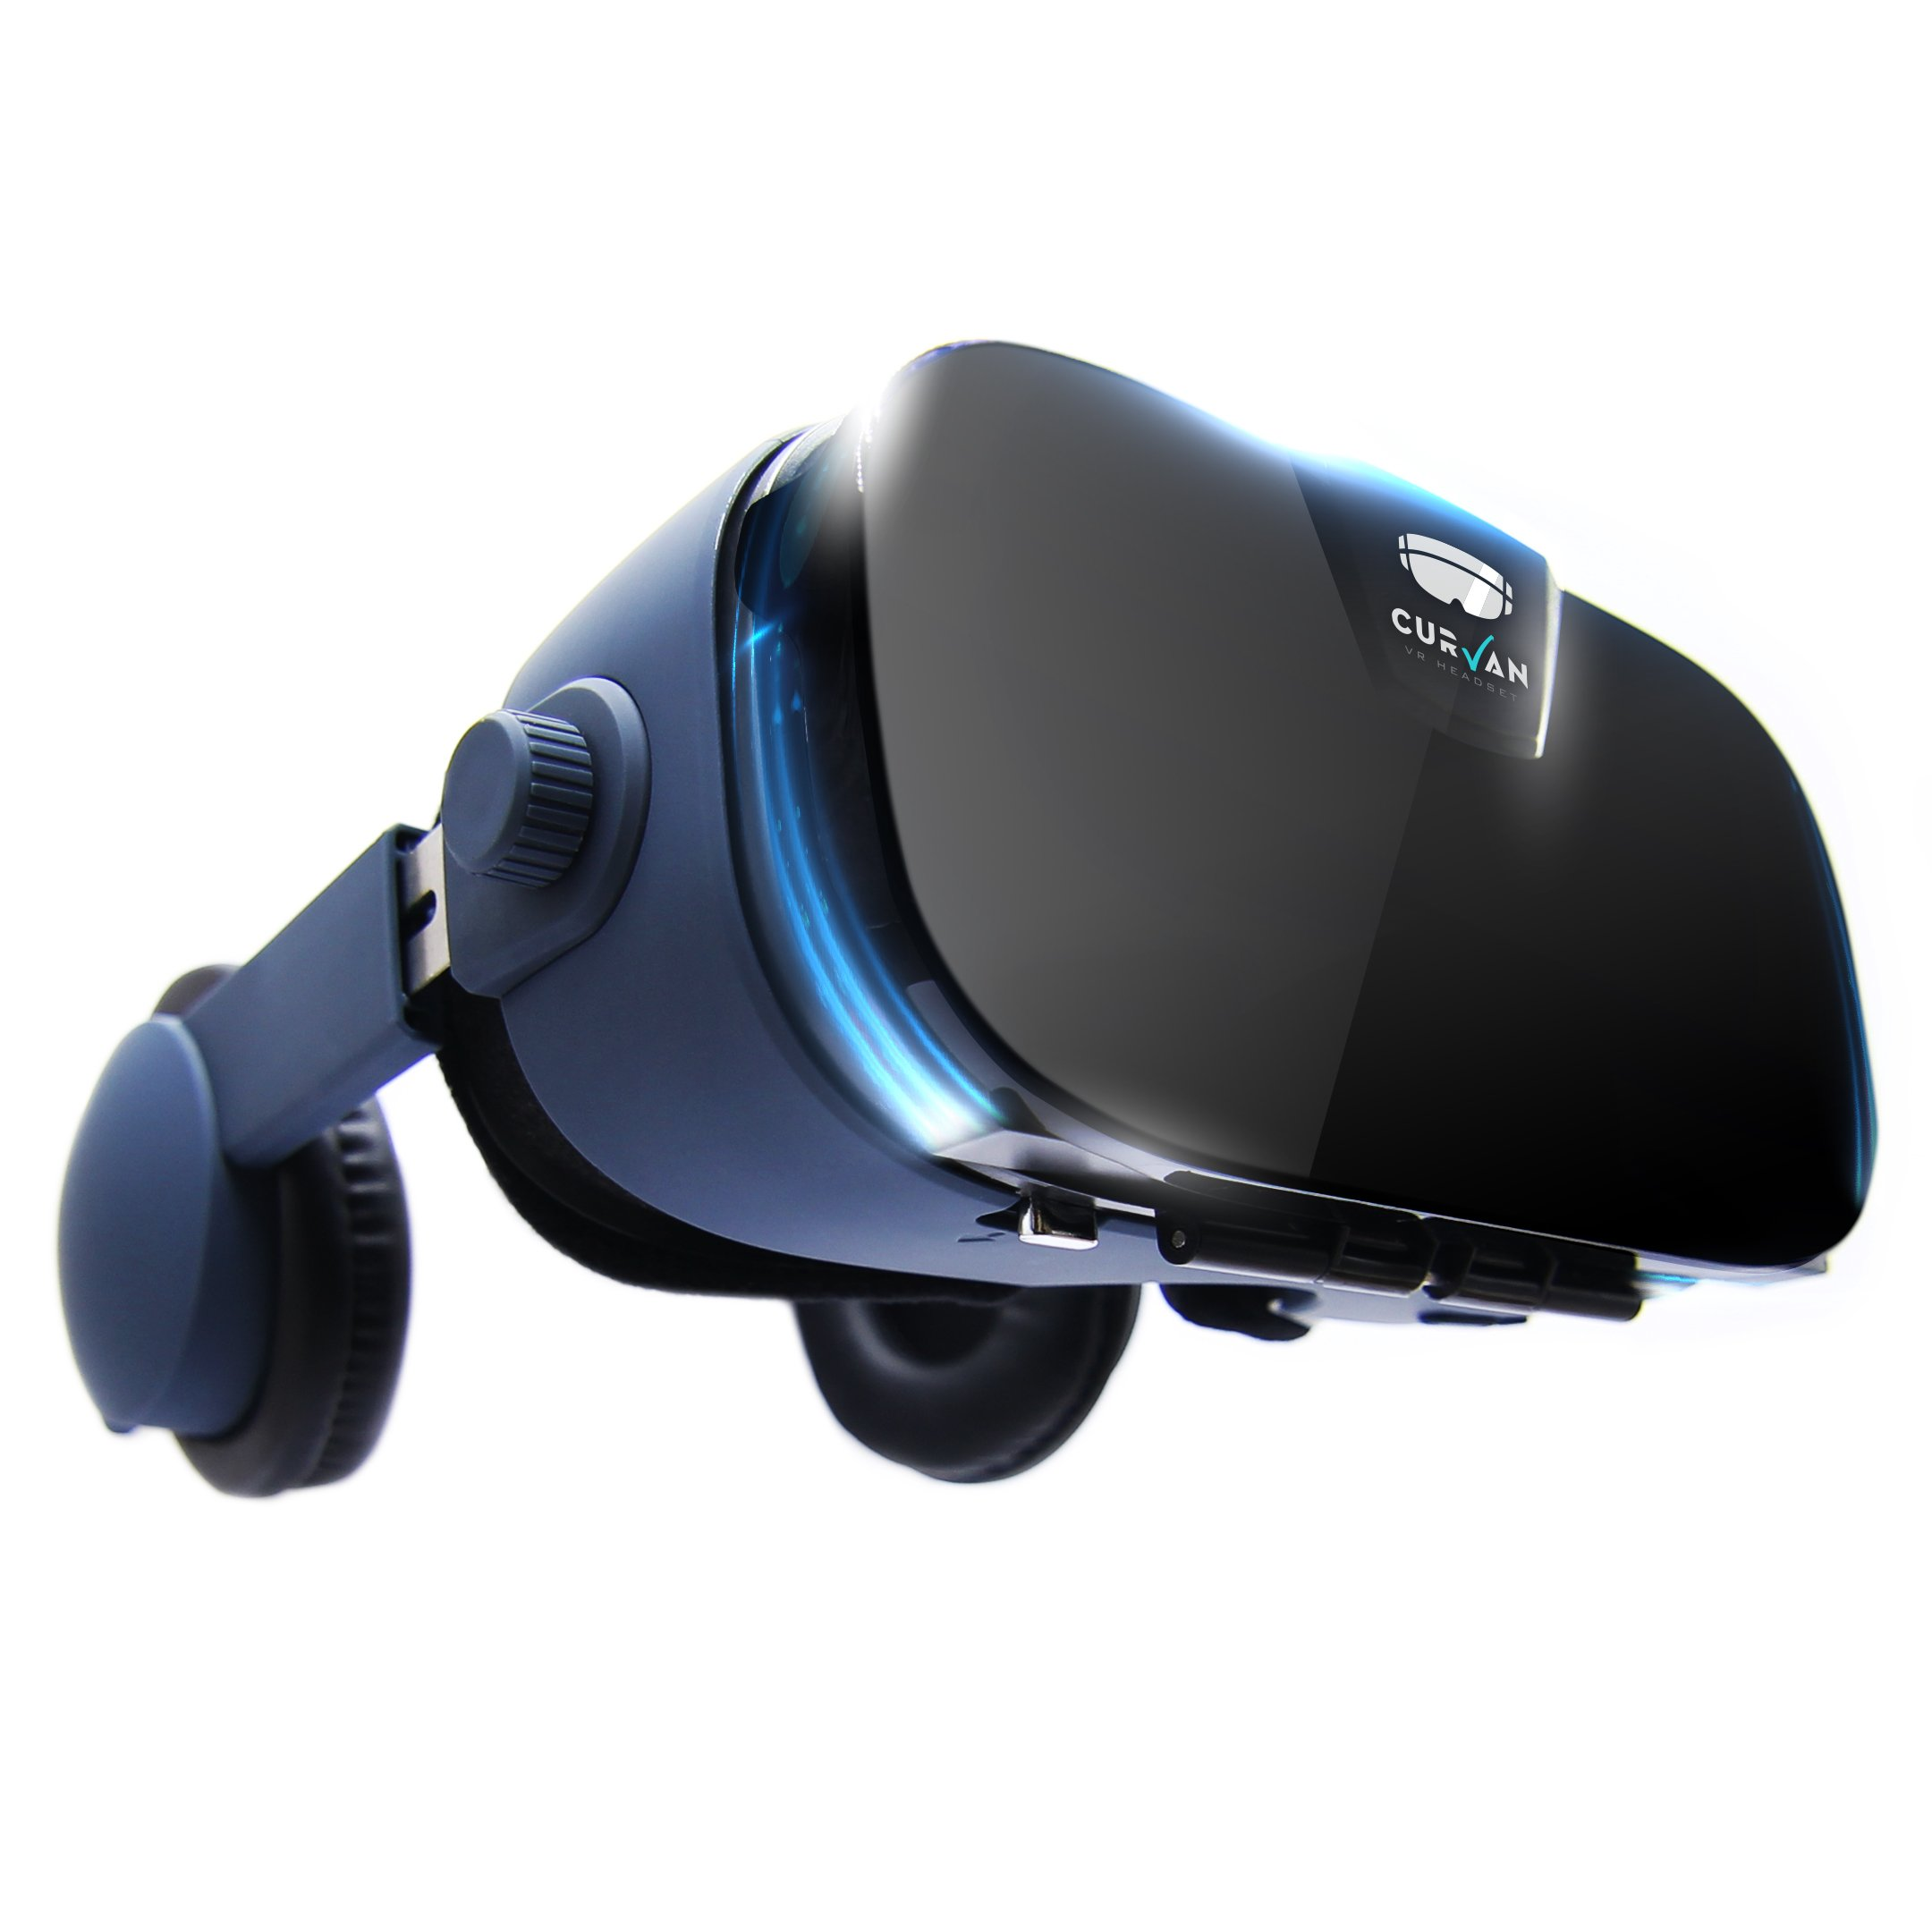 CURVAN VR Headset 3D – Casque de Réalité Virtuelle pour Jeux et Films en 3D | IOS et Android Smartphones – iPhone / Samsung / LG / Huawei / Sony | Fit pour les Telephones 4 «– 6.3» | Lunettes de Réalité Augmentée HD | PD + FD | Léger 357g